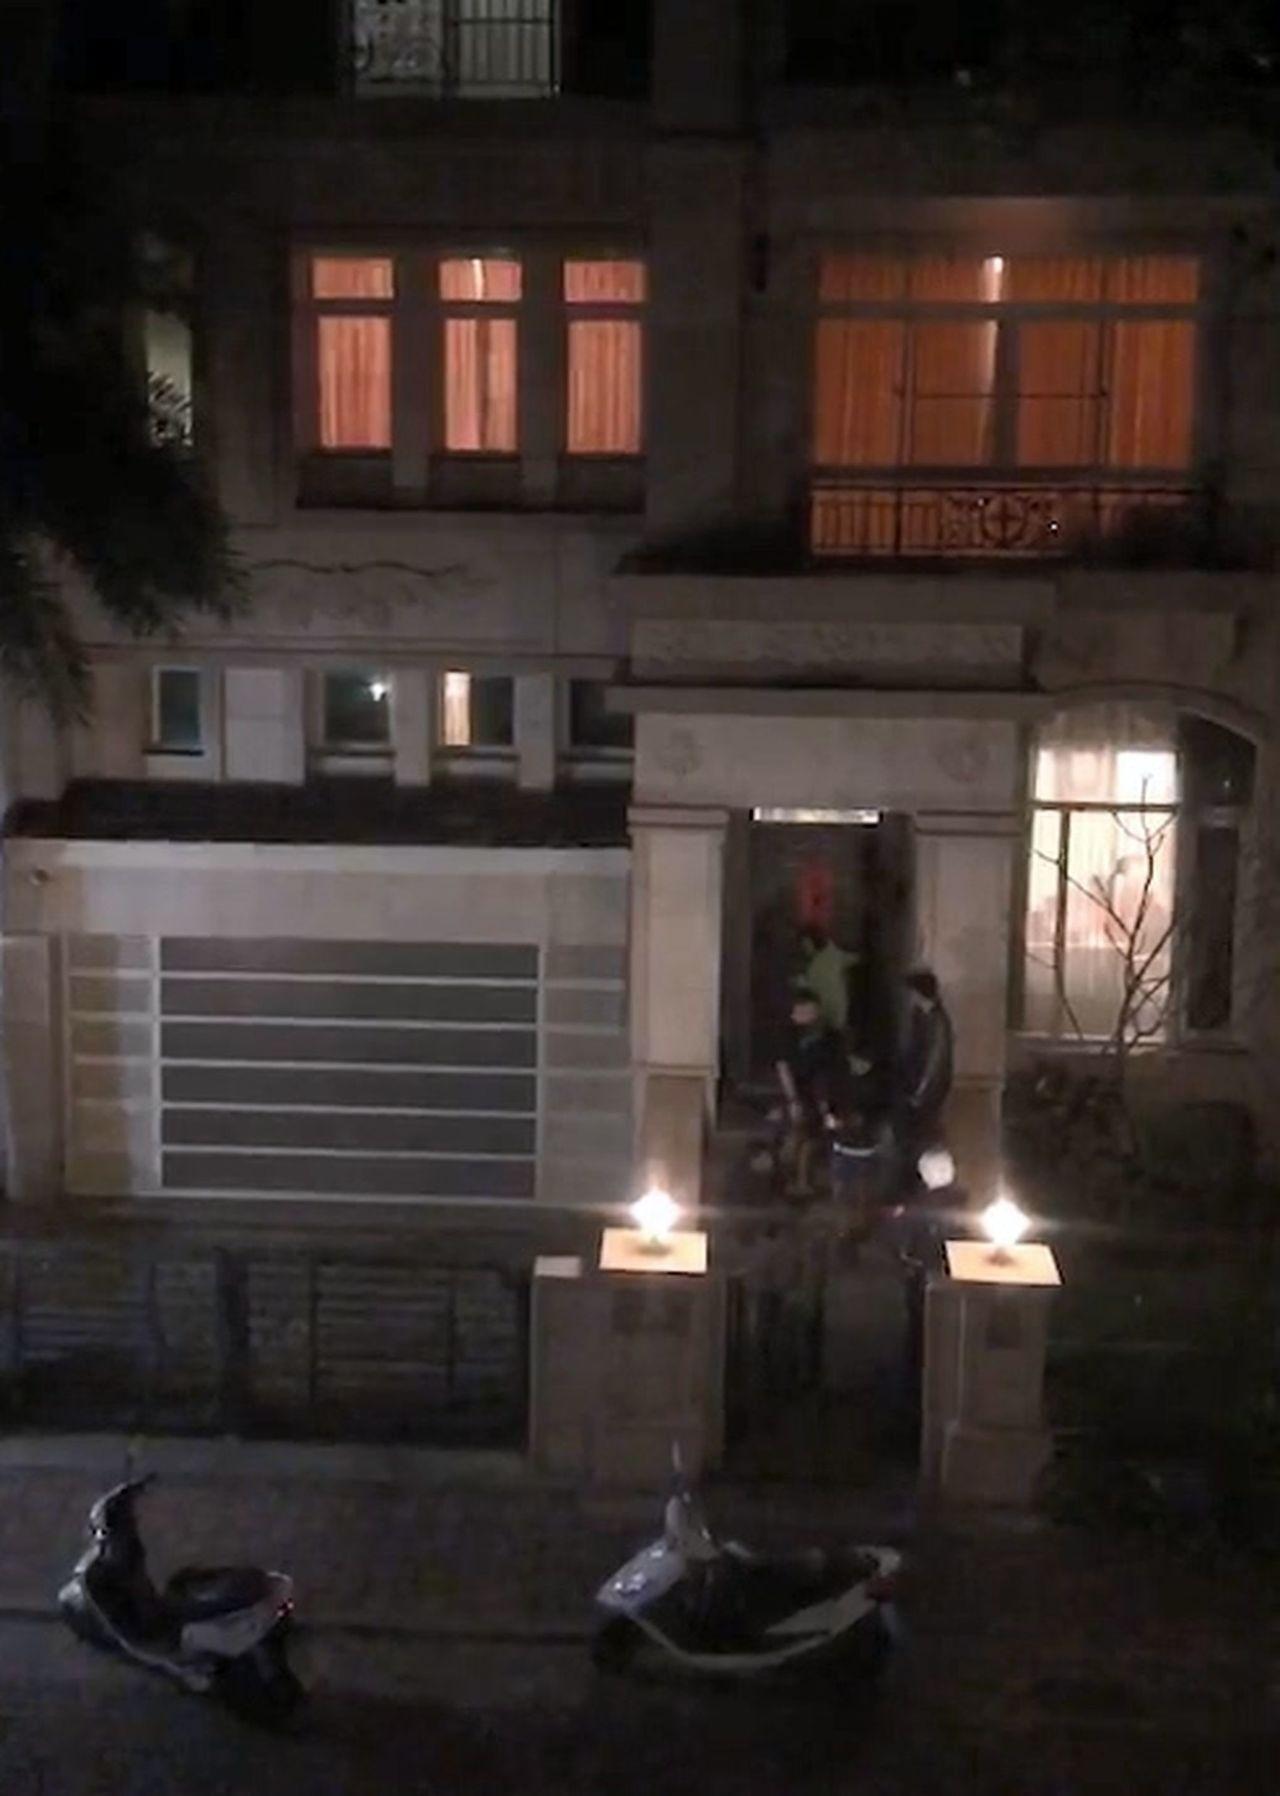 被指涉經營民宿的別墅,因深夜喧嘩,住戶氣得報警處理。記者王昭月/翻攝